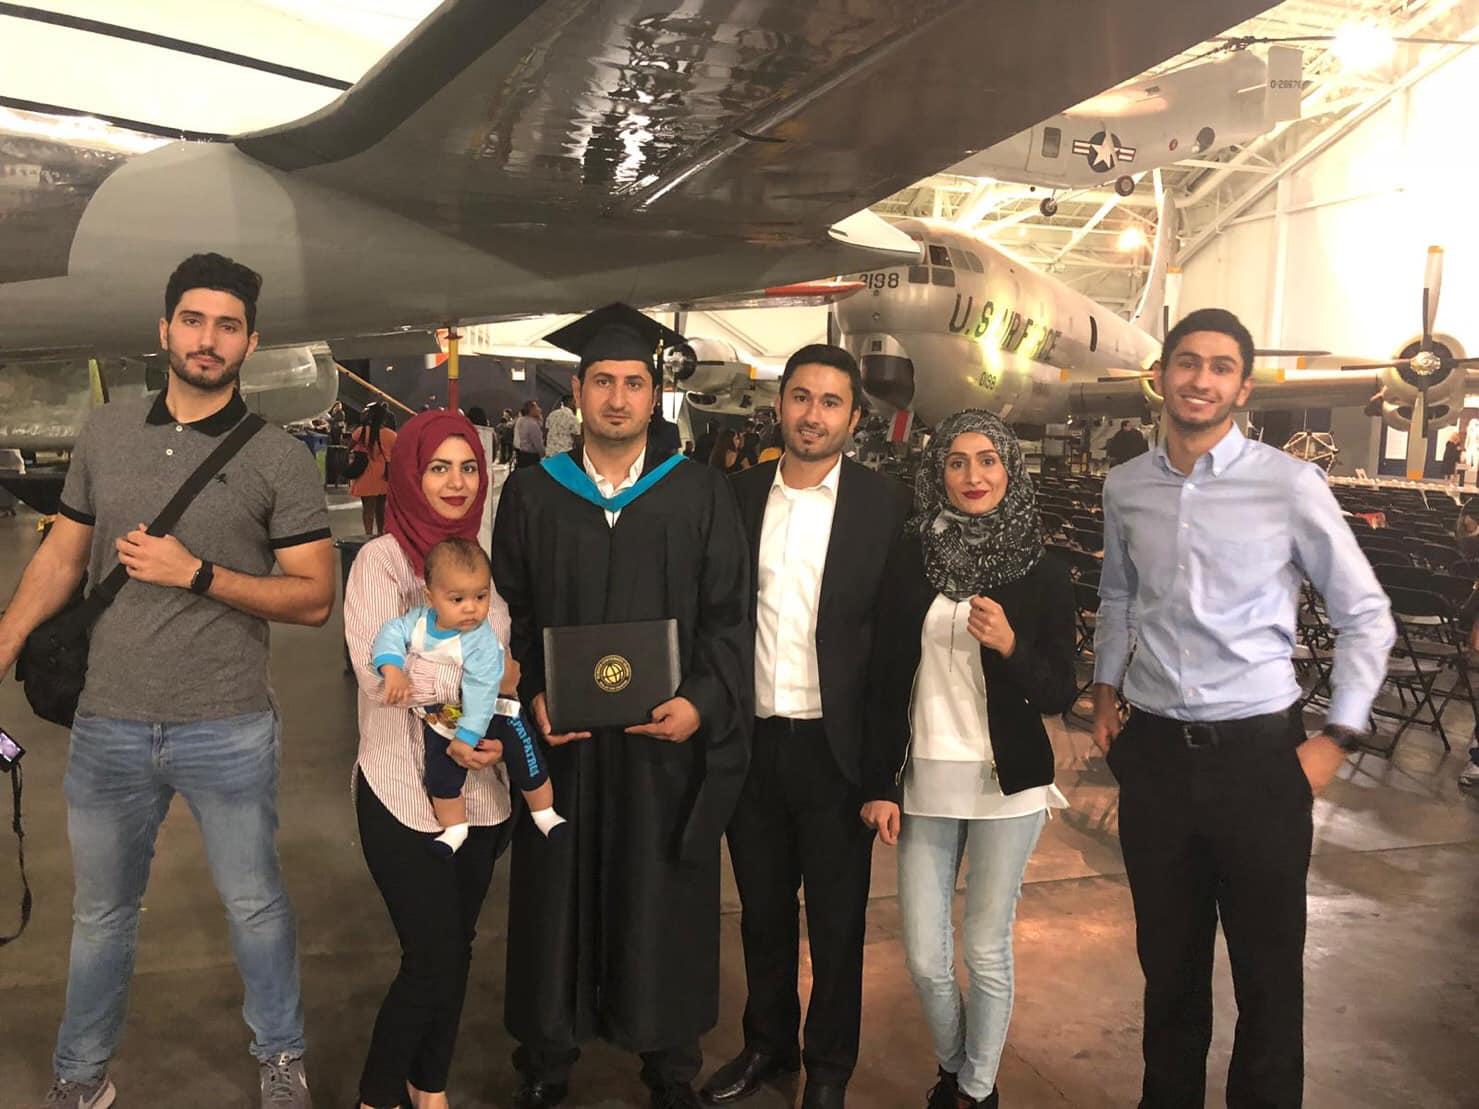 بالصور : حصول رجل الأعمال / عبد الهادي عطا الفرا على درجة الدكتوراة